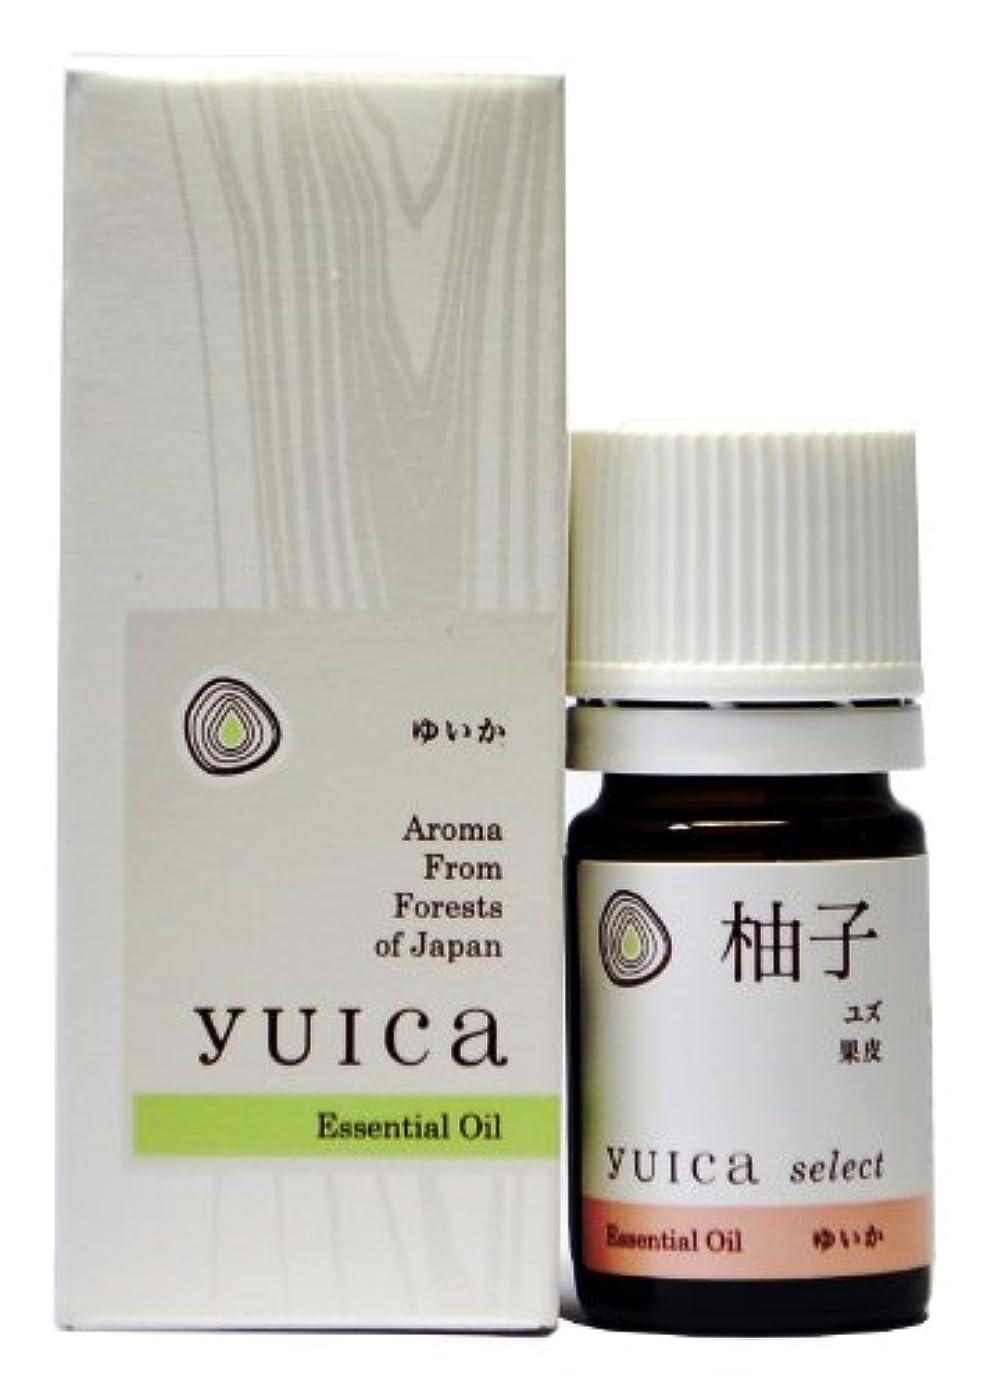 ジョージバーナードしなやかな対象yuica select エッセンシャルオイル ユズ(果皮部) 5mL